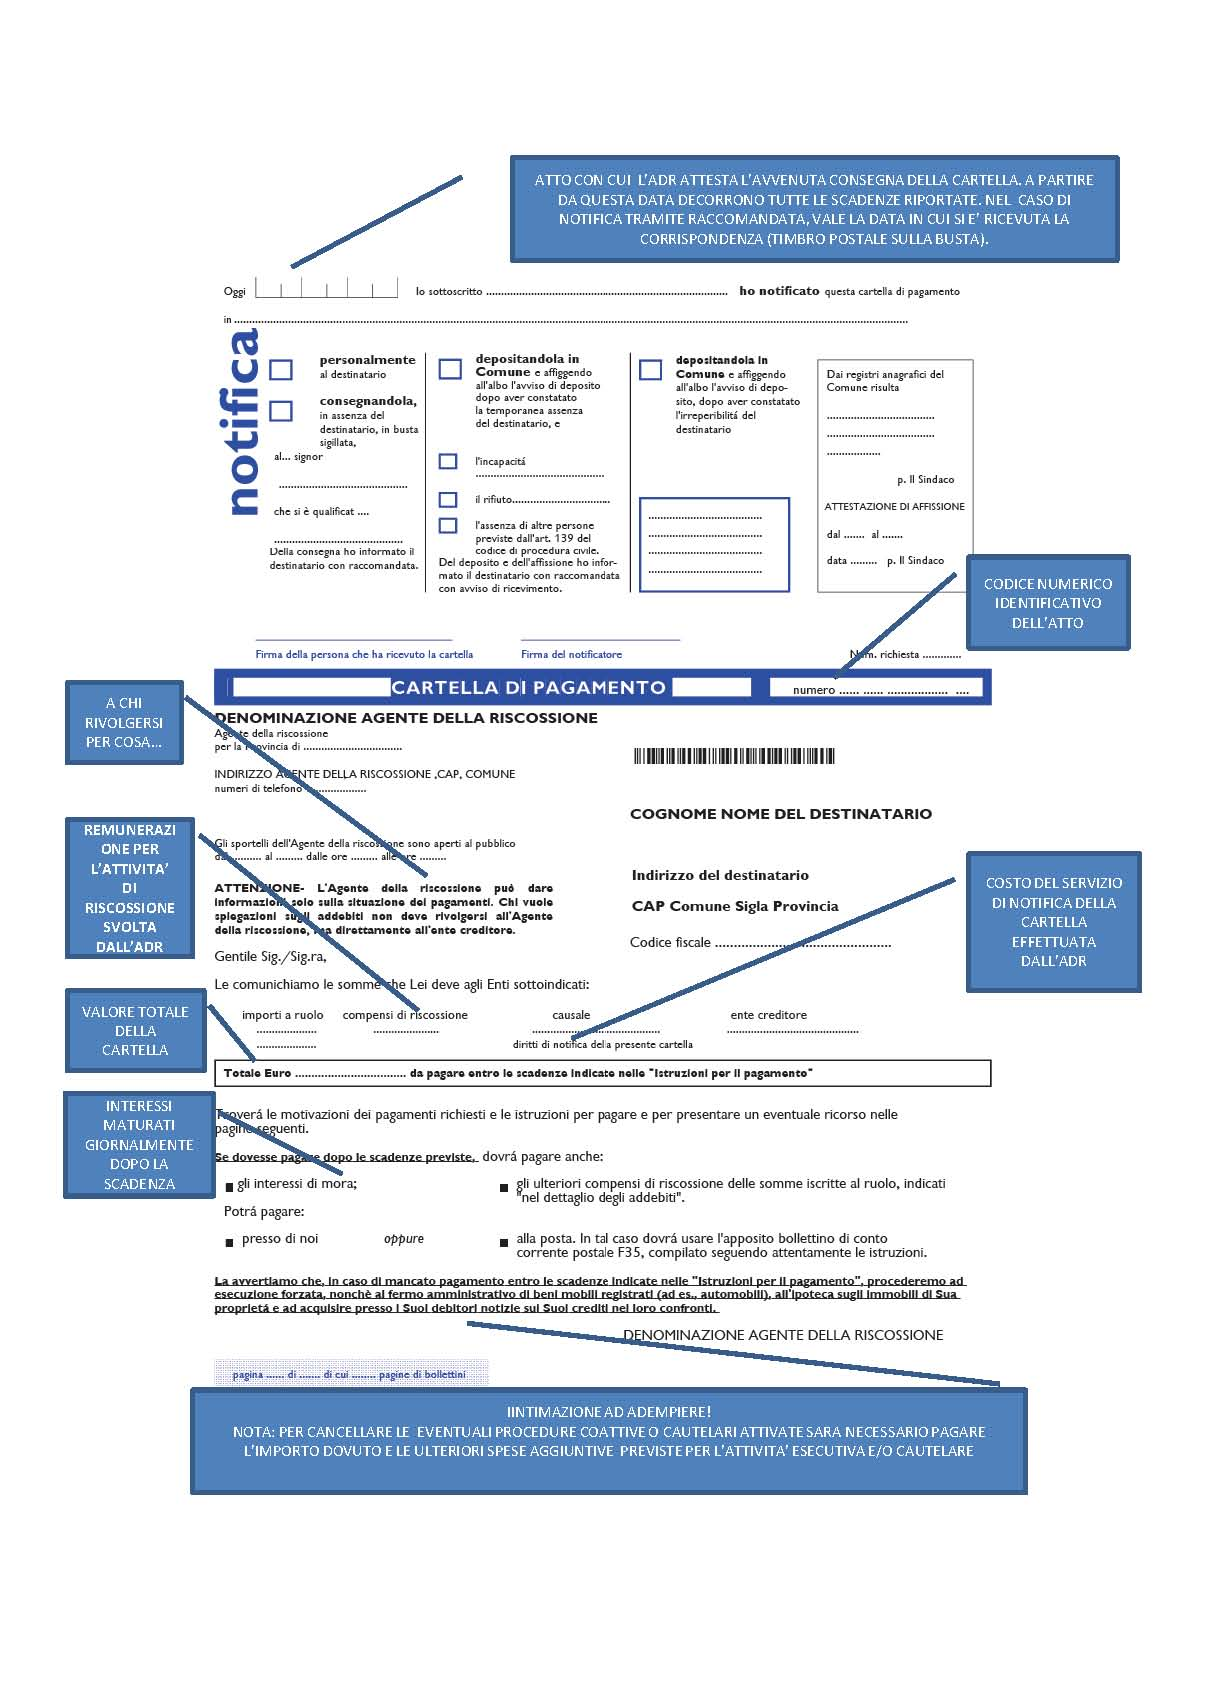 cartella_di_pagamento_pagina_1